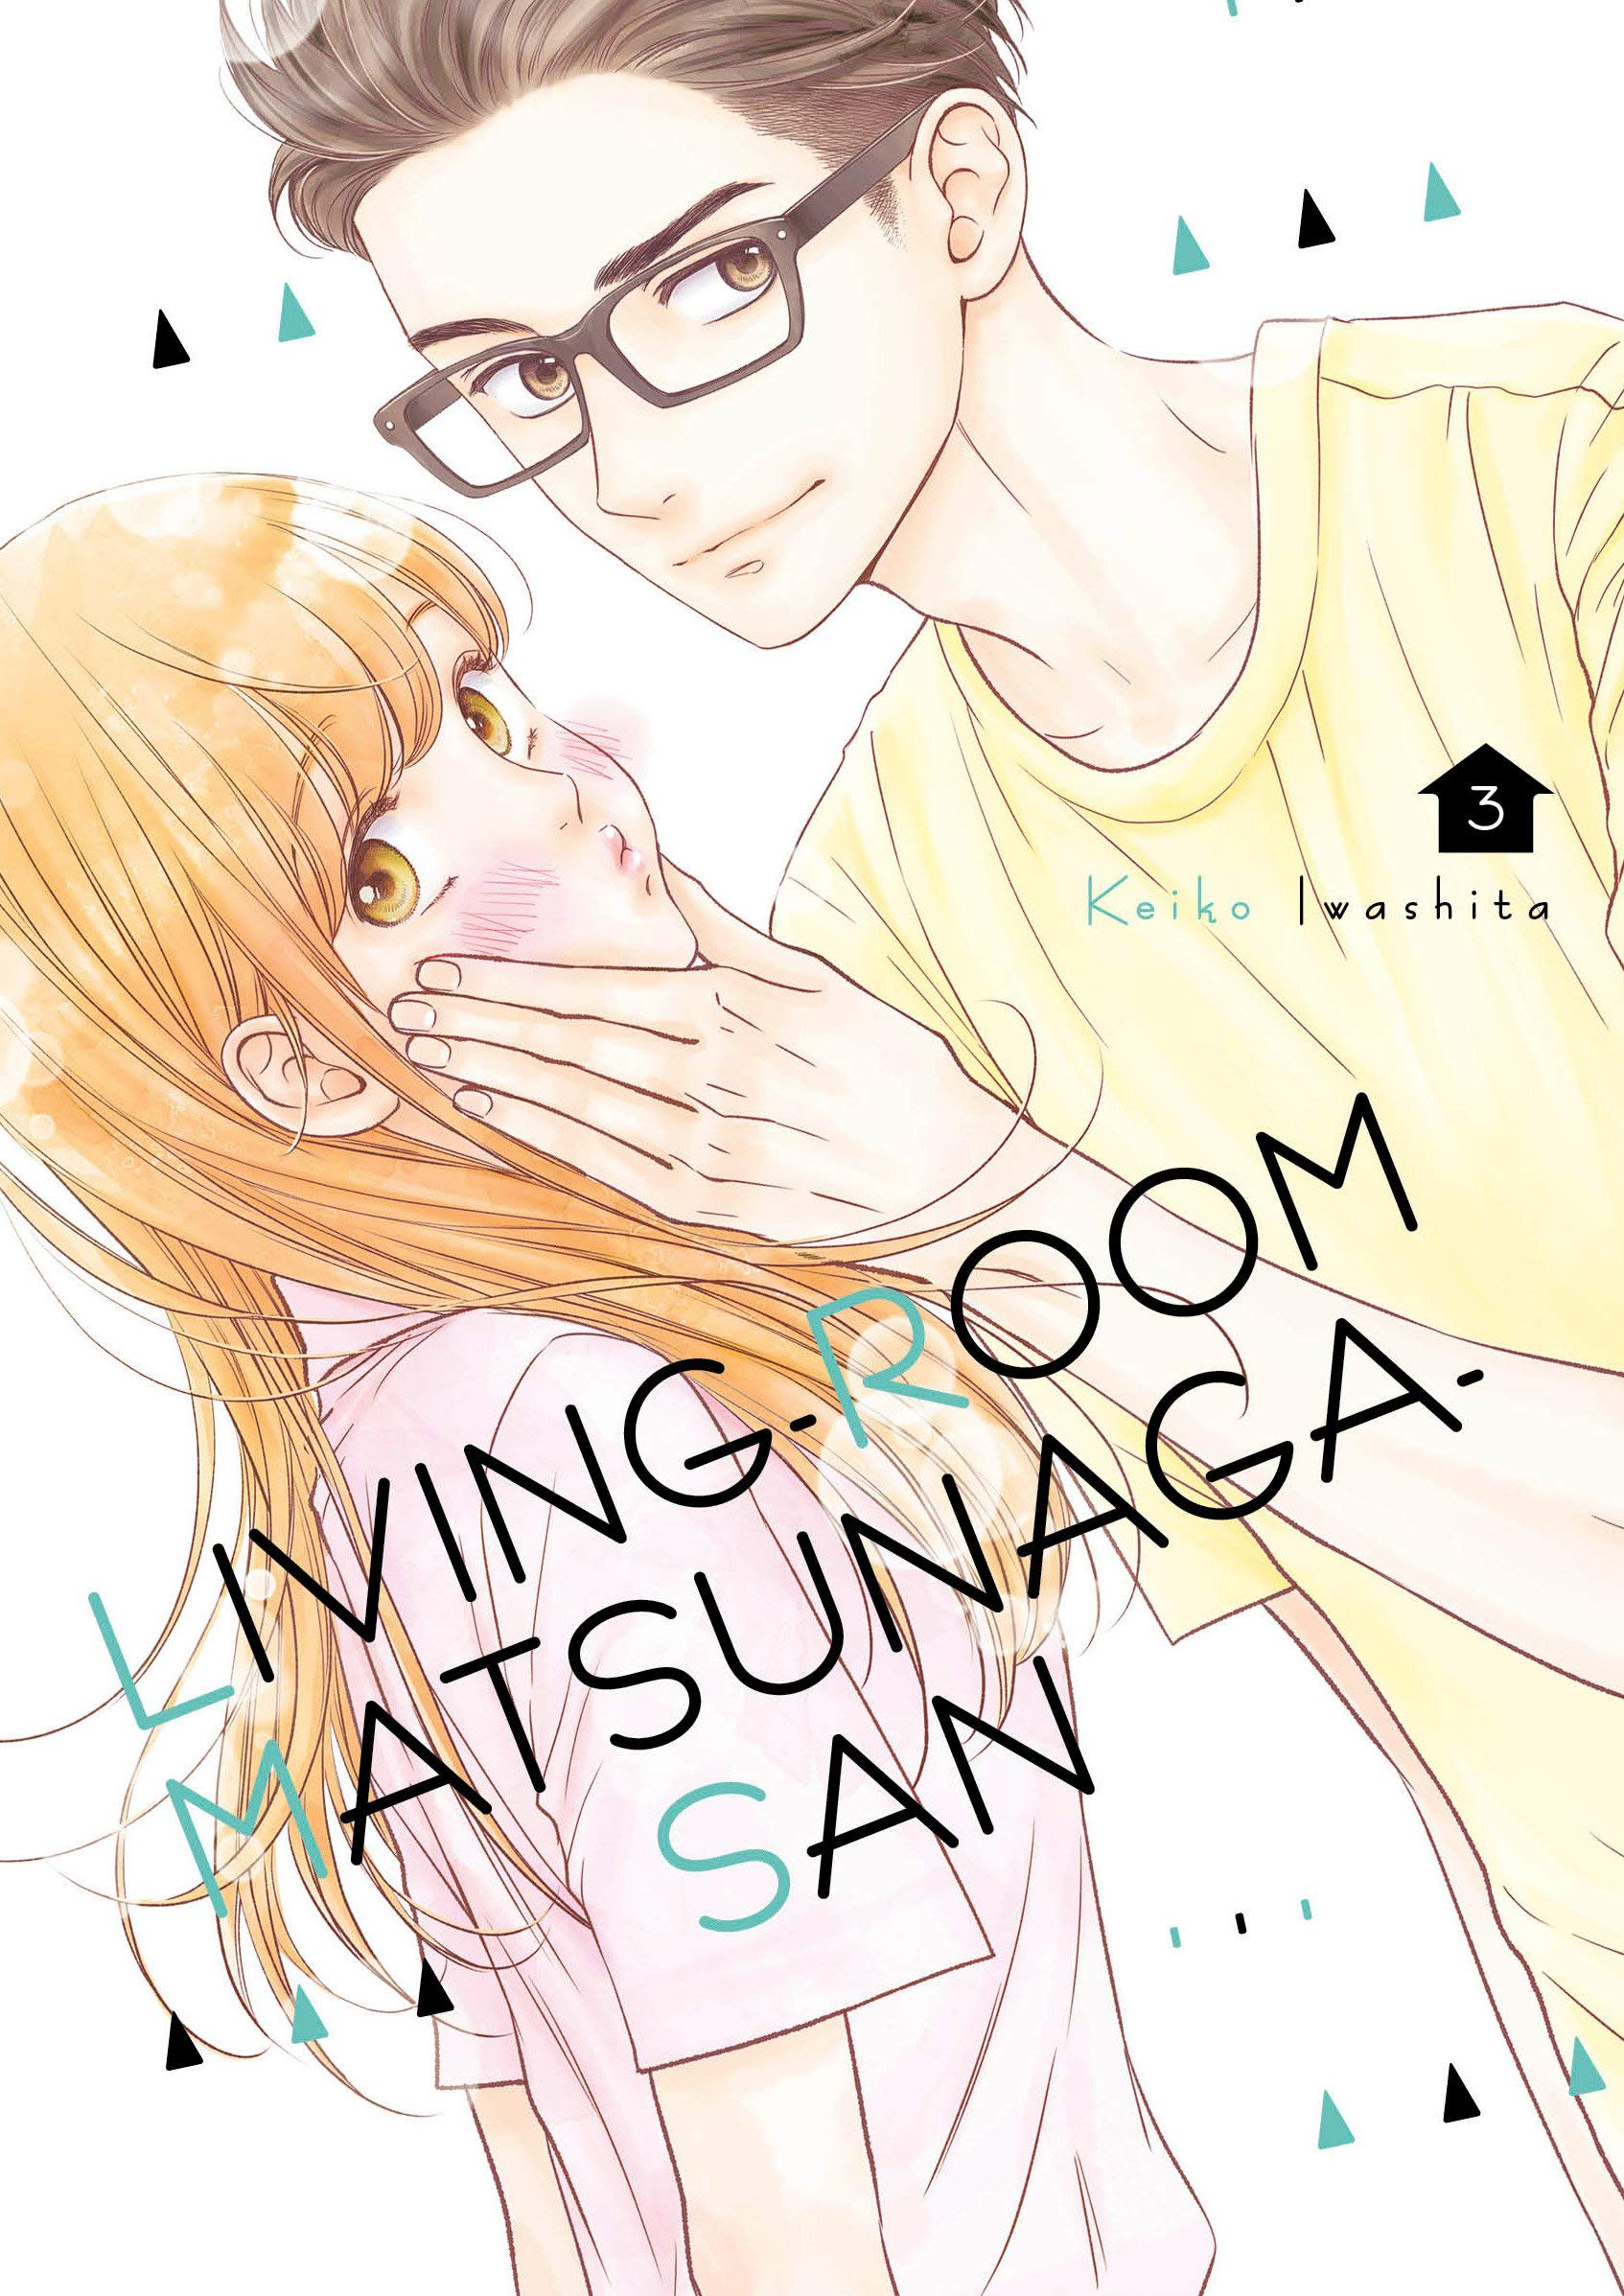 مانجا Living no Matsunaga-san تنتهي بعد 4 فصول فقط من الآن